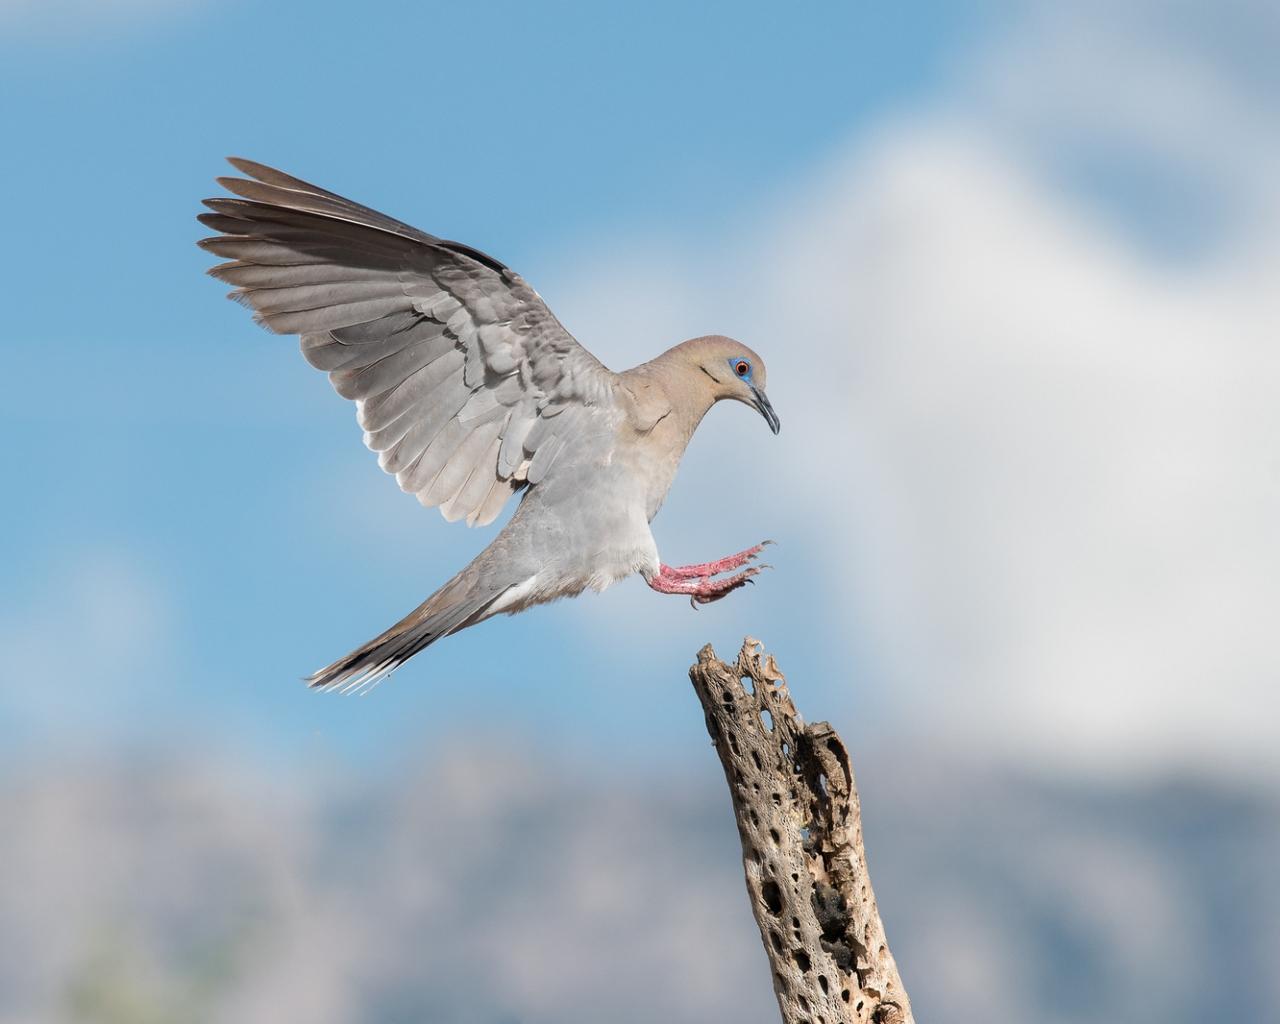 Paloma aterrizando en un palo - 1280x1024